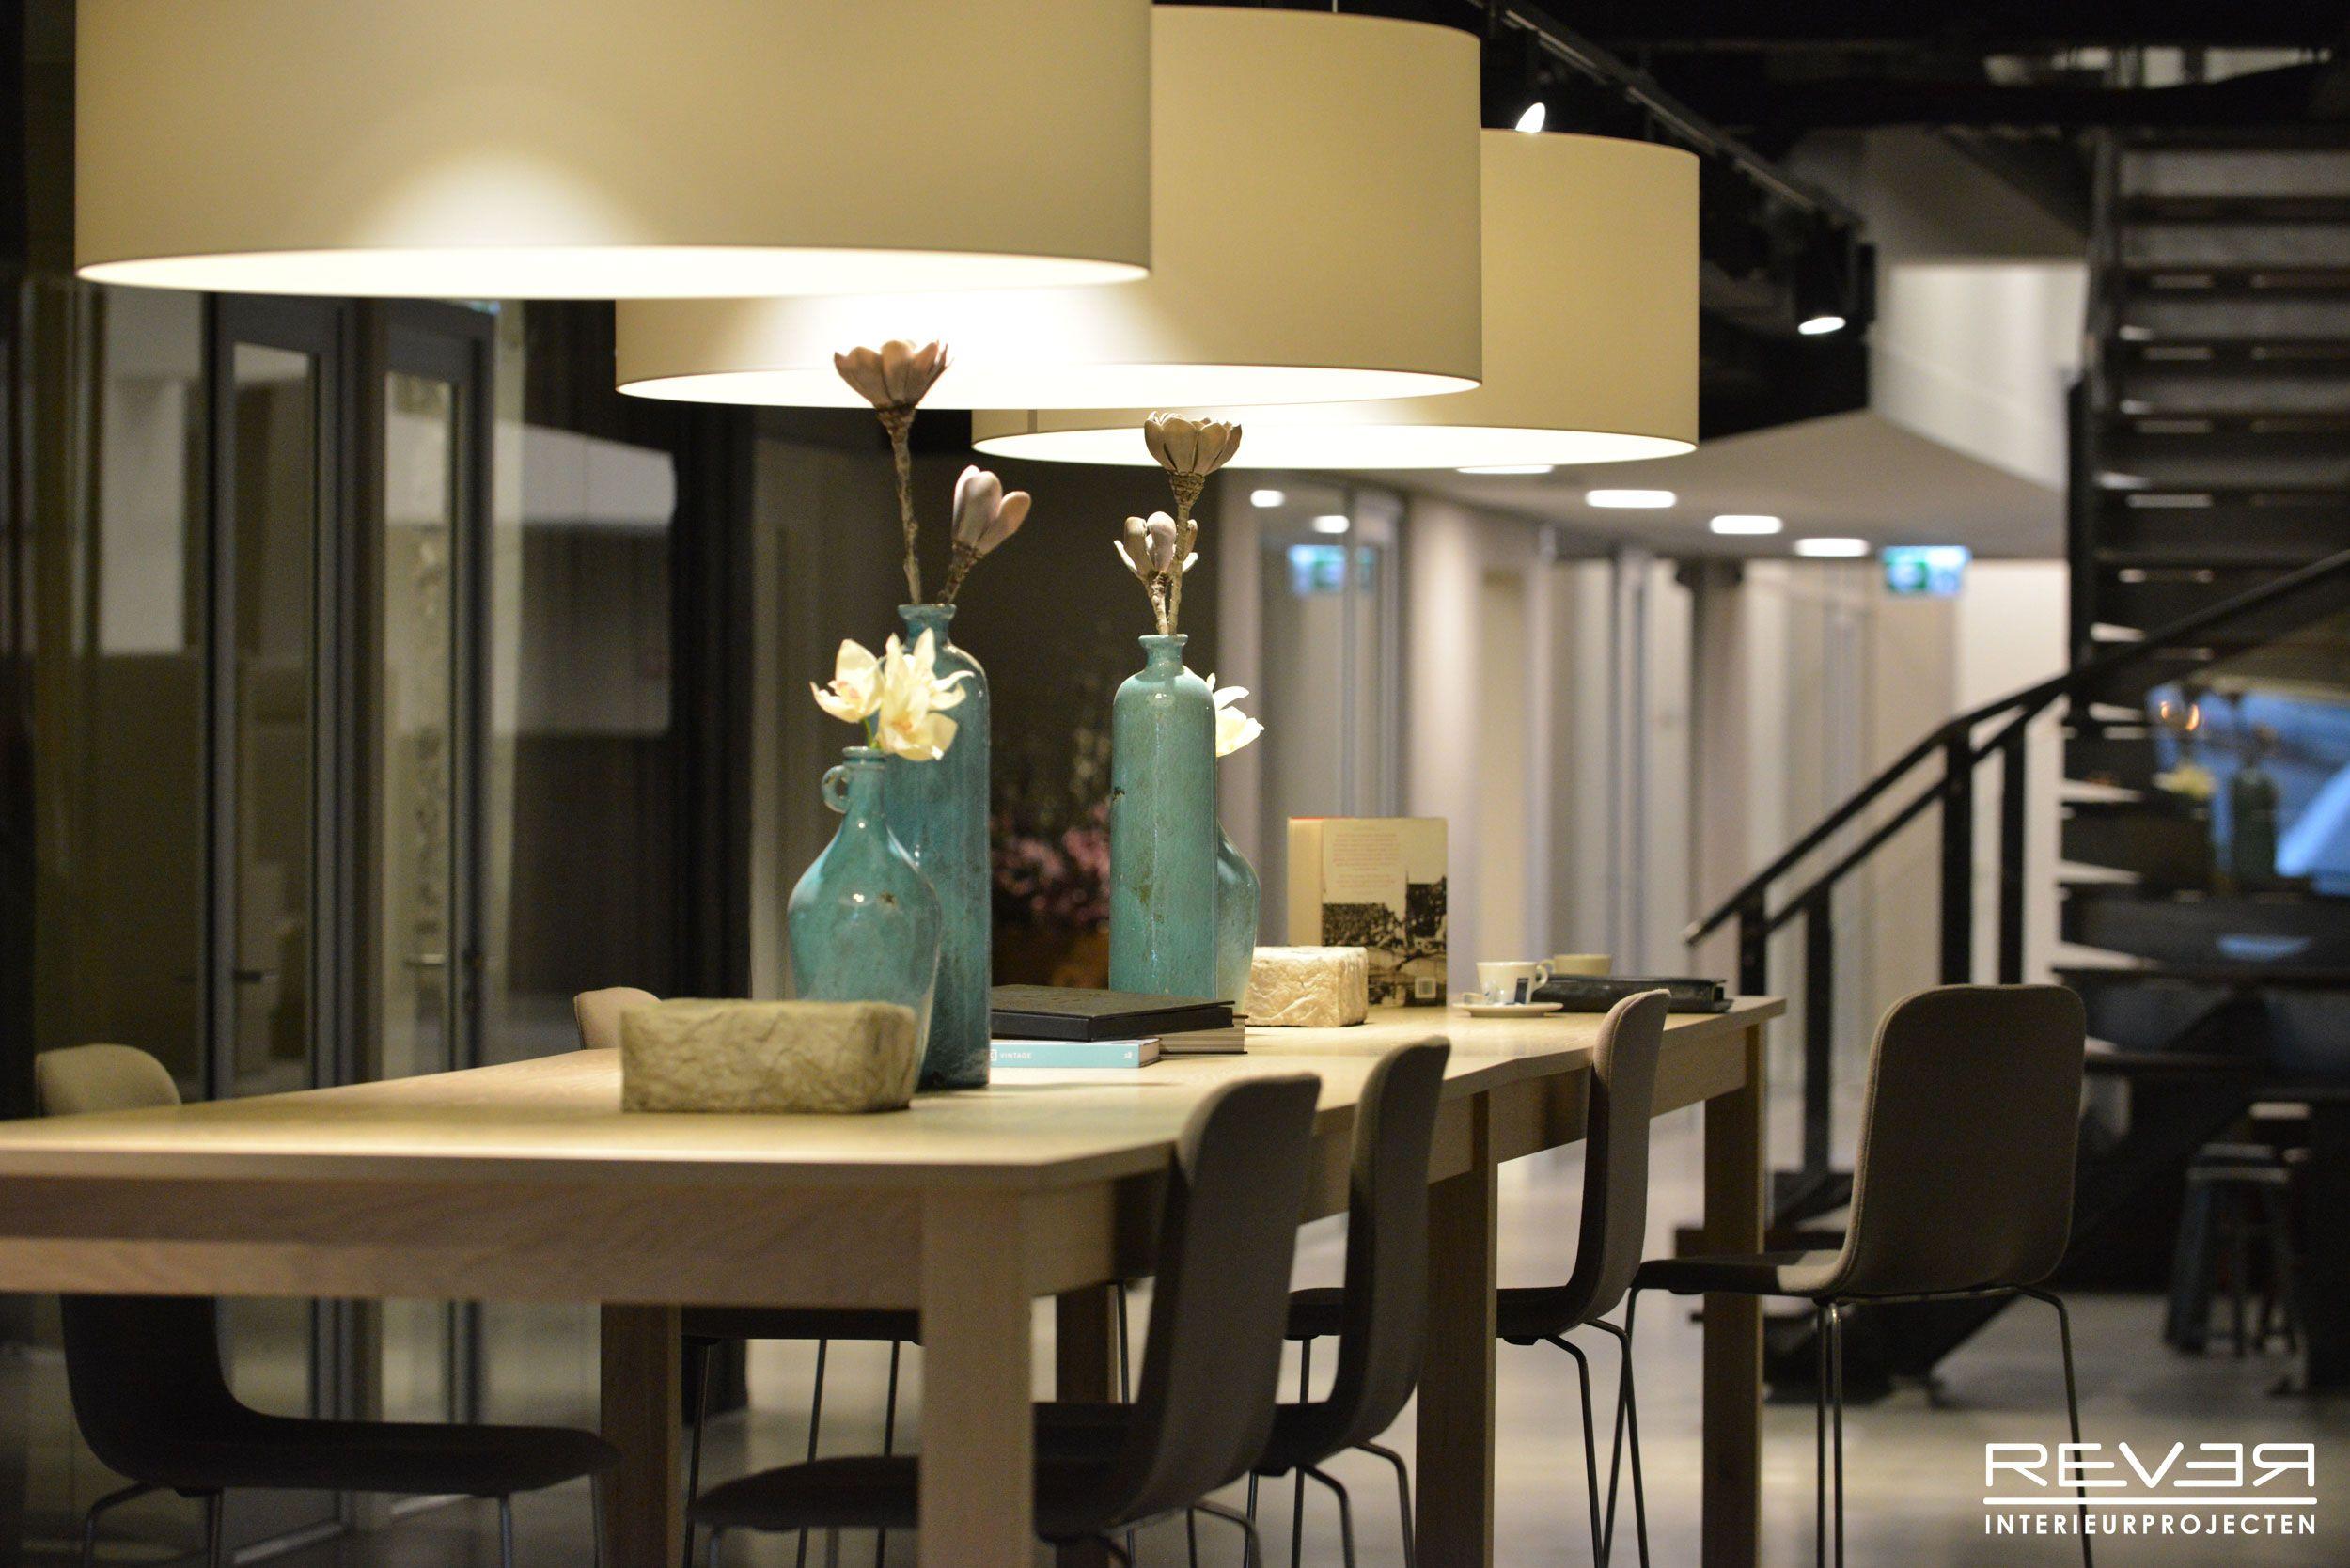 Kantoor En Meer : Offices for you amsterdam rever interieurprojecten kantoor